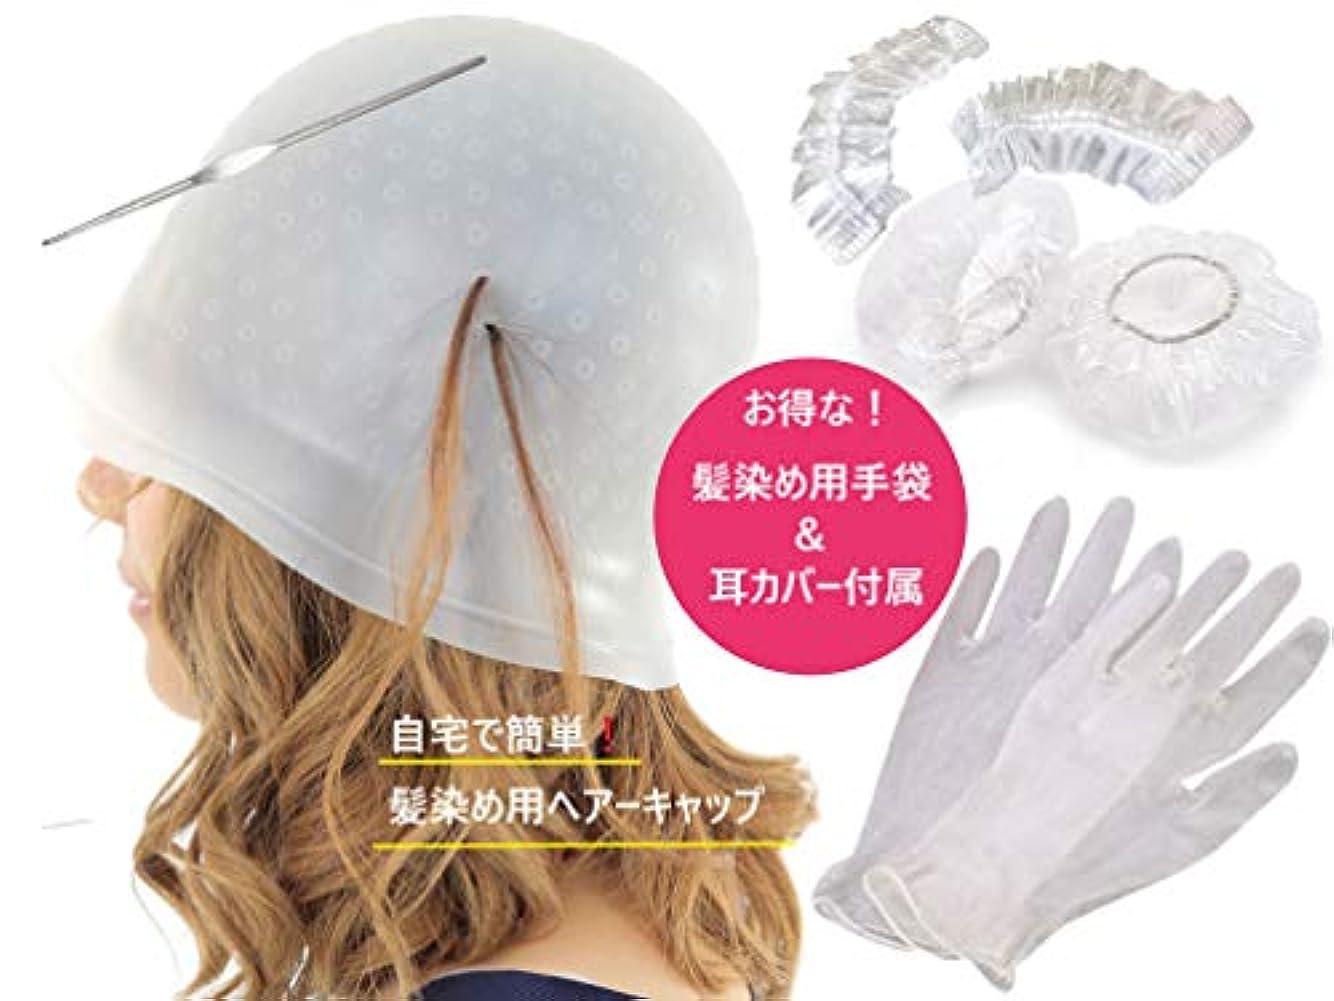 予防接種ボックス法的髪染めヘアーキャップ(汚れ防止耳カバー?手袋?かぎ針の付属3点) インナーカラー、ハイライト、メッシュ 柔軟性、耐久性に優れた素材